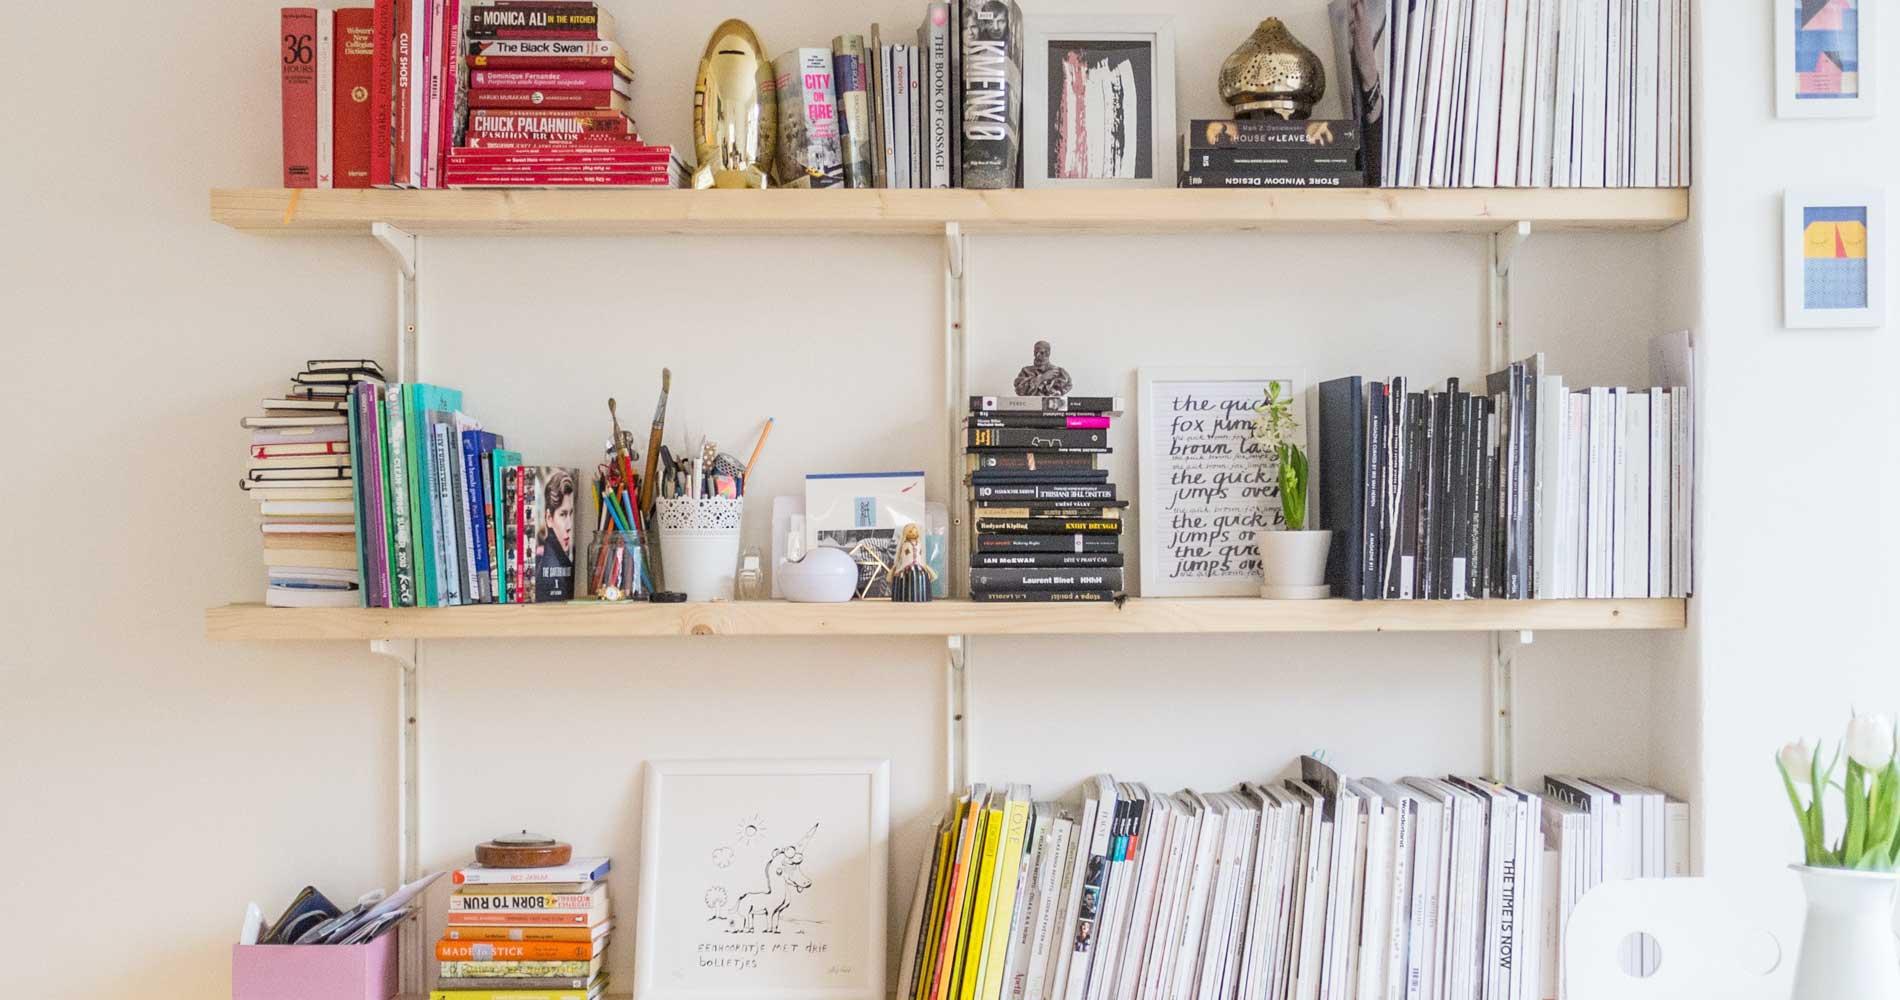 Geschenk für Leseratten, Geschenke für Leseratten, Geschenke für Bücherwürmer, Buch Geschenke, Weihnachtsgeschenke Gift Guide, Buch, Lifestyle Blog, Buchgeschenke, Buchzebehör